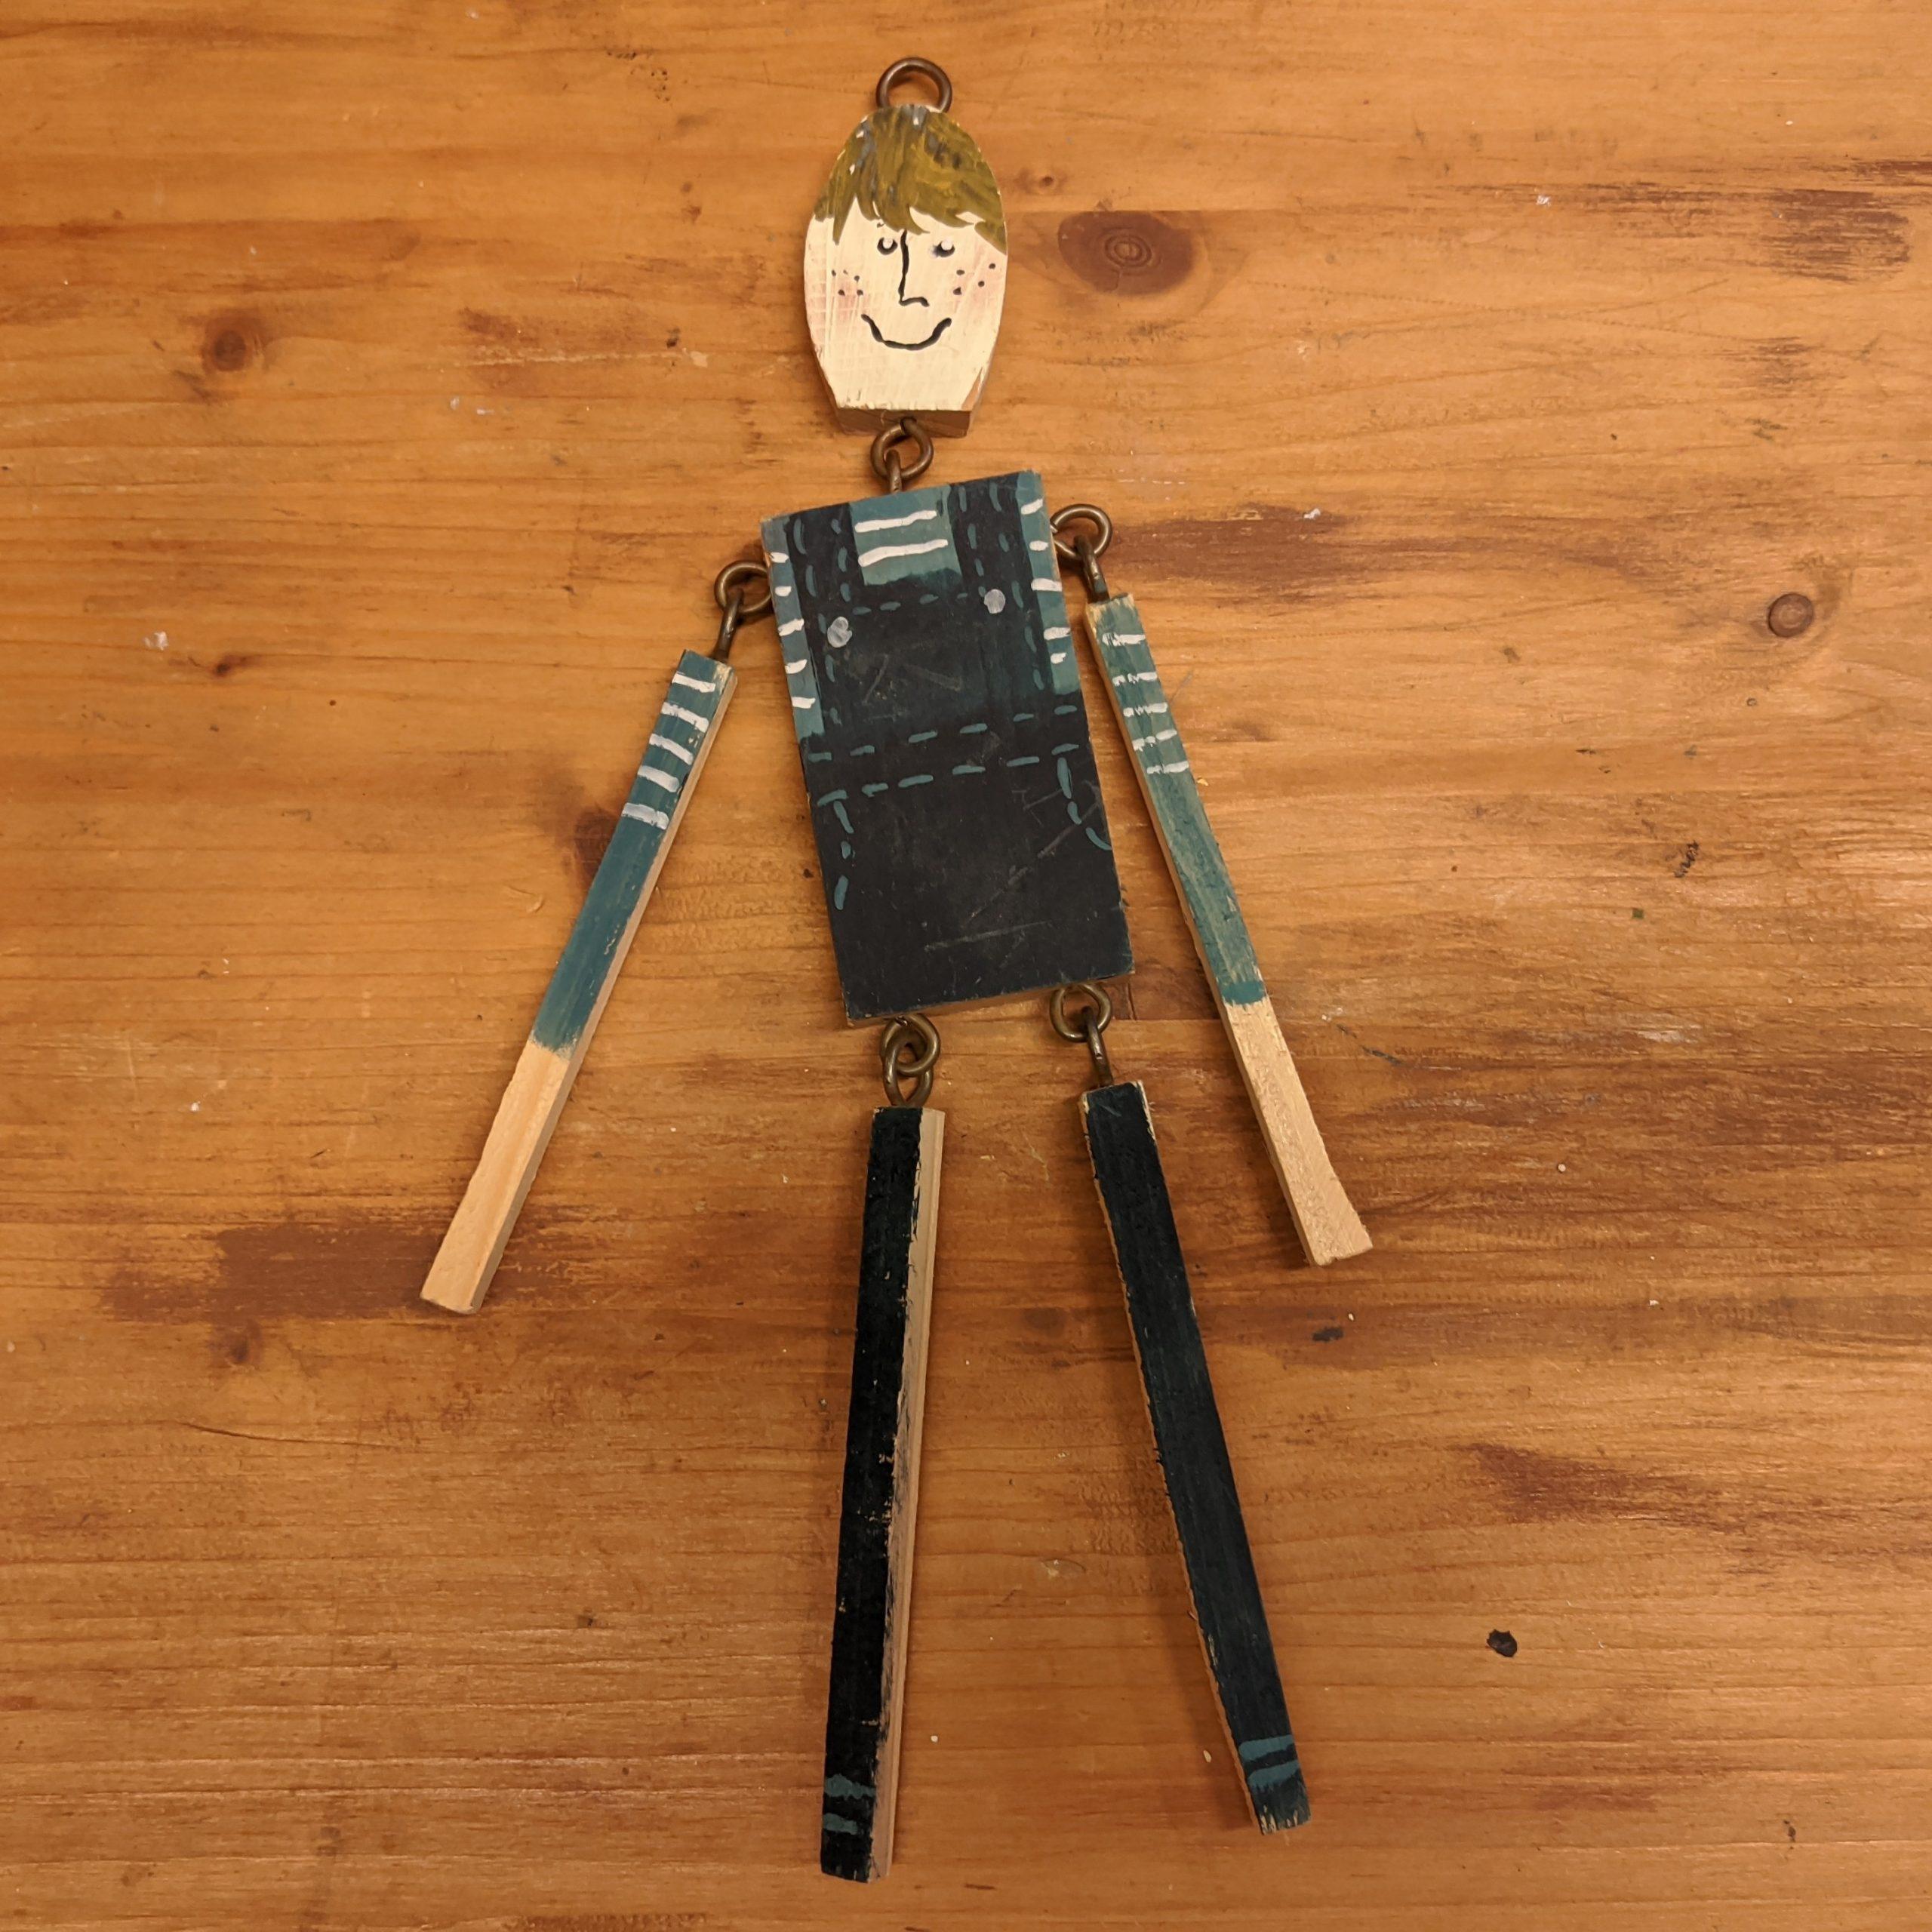 Ξύλινη μικρή μαριονέτα / Wooden marionette.